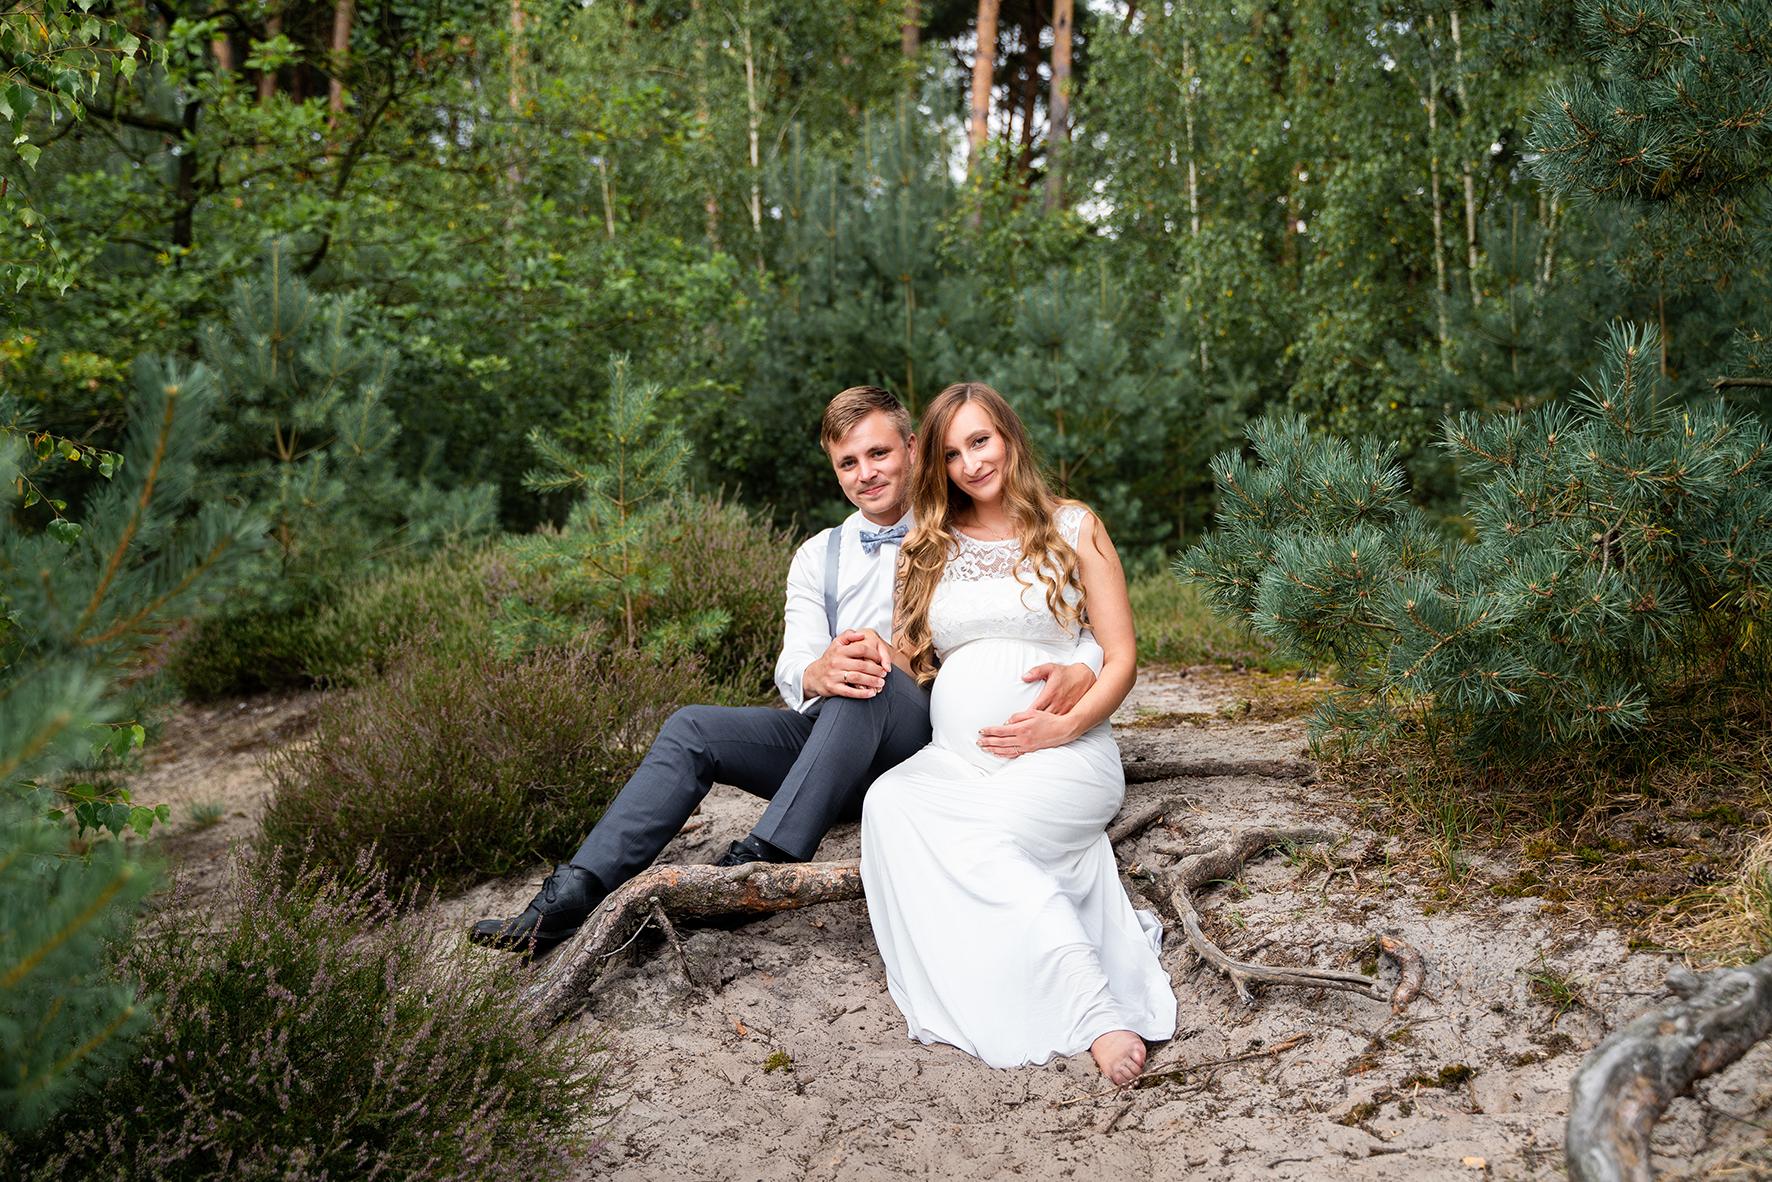 Schwangerschaftsfotos nach der Hochzeit Hochzeitsfotografin Rotenburg Wümme